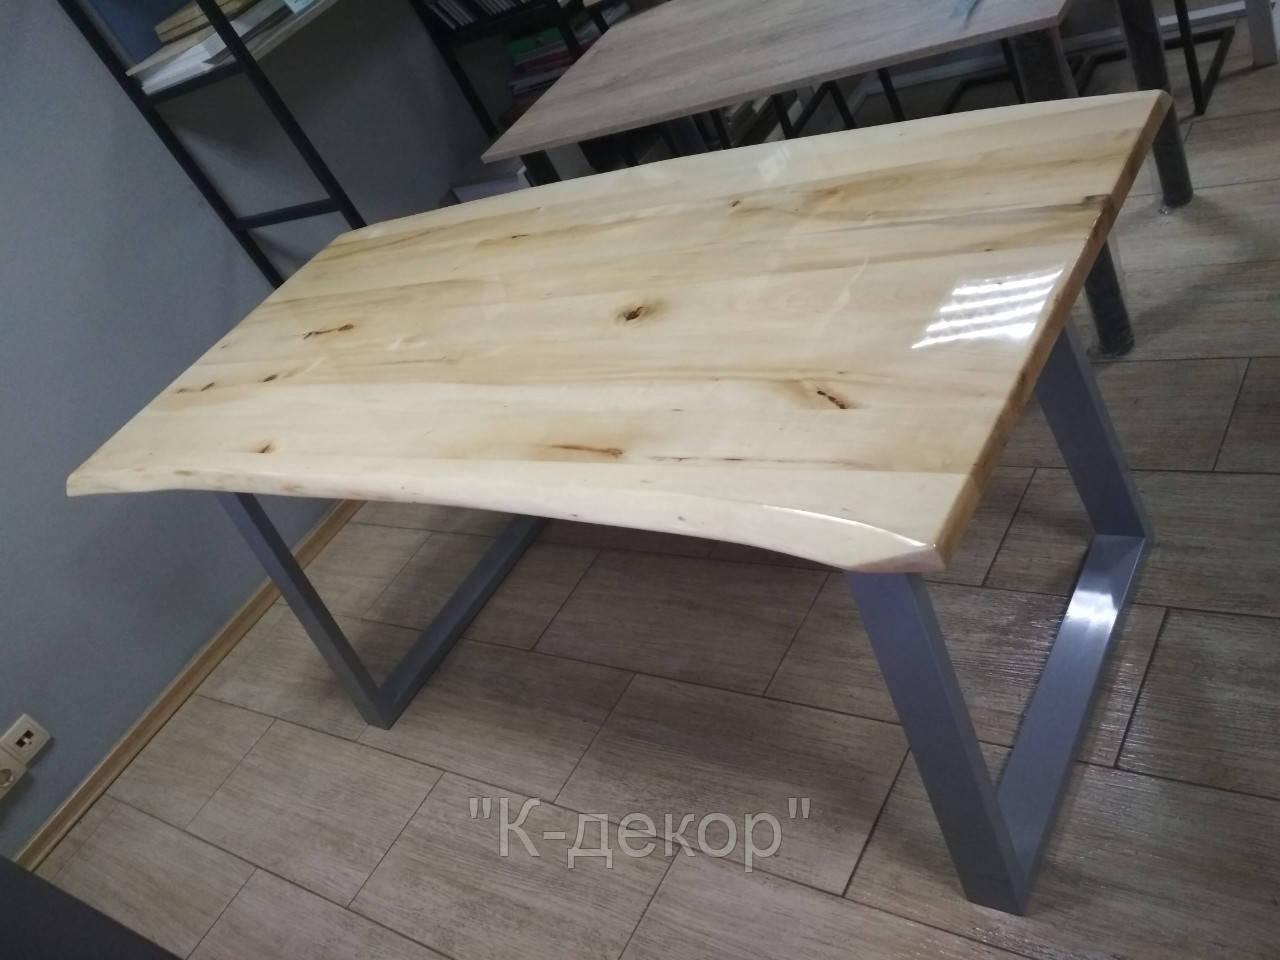 стол Loft стол в наличиистол письменныйстол обеденный стол из дерева и металла